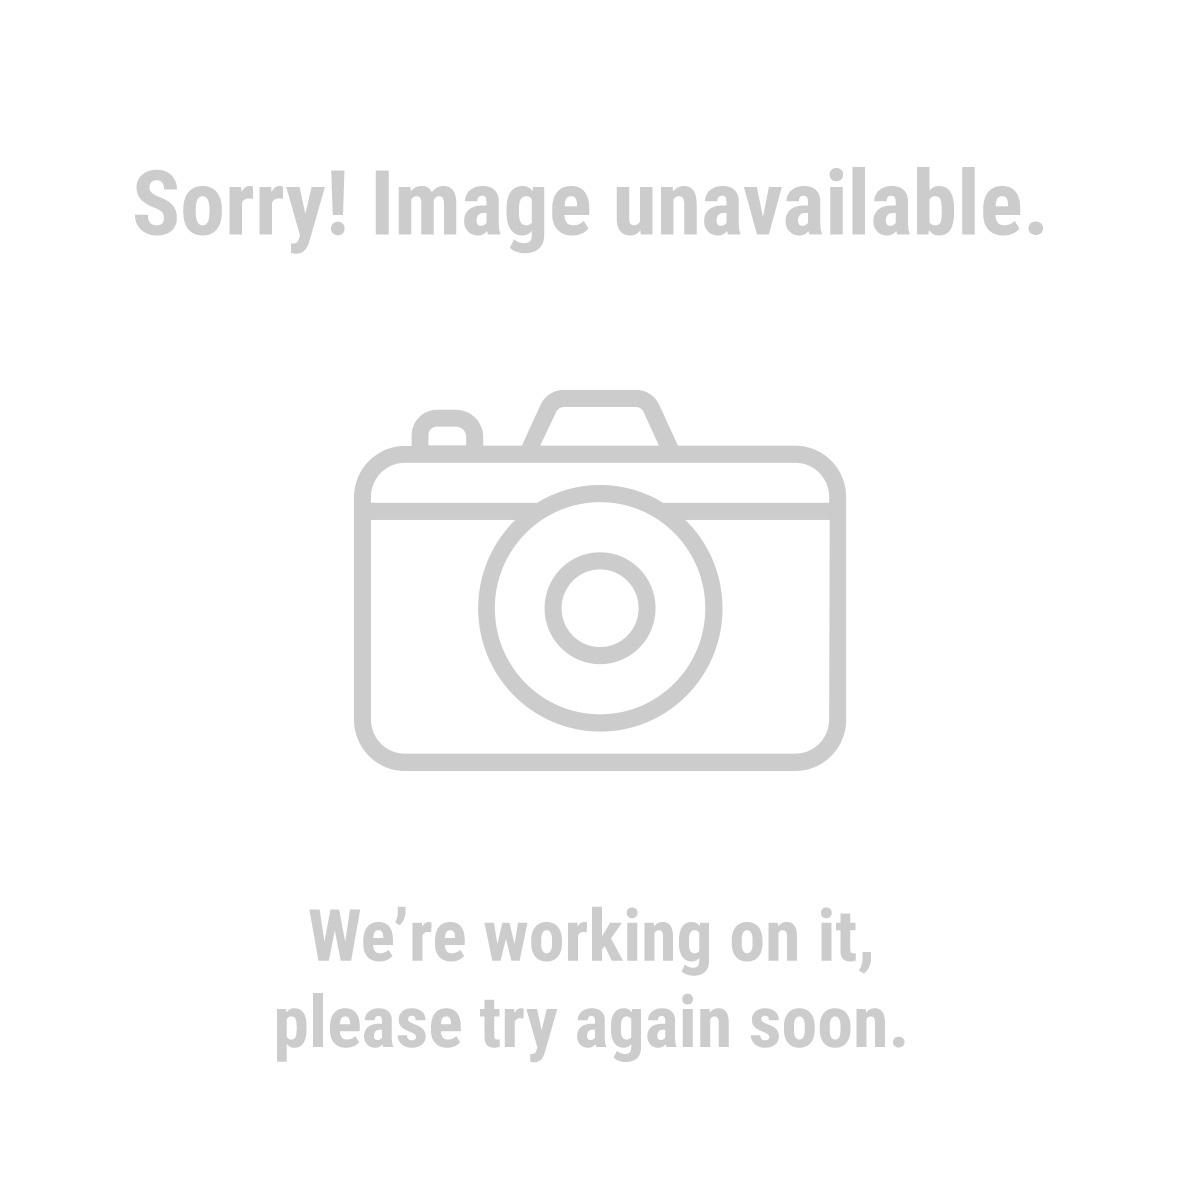 Predator Generators 63078 13500 Peak/11000 Running Watts, 22 HP  (670cc) Gas Generator EPA III